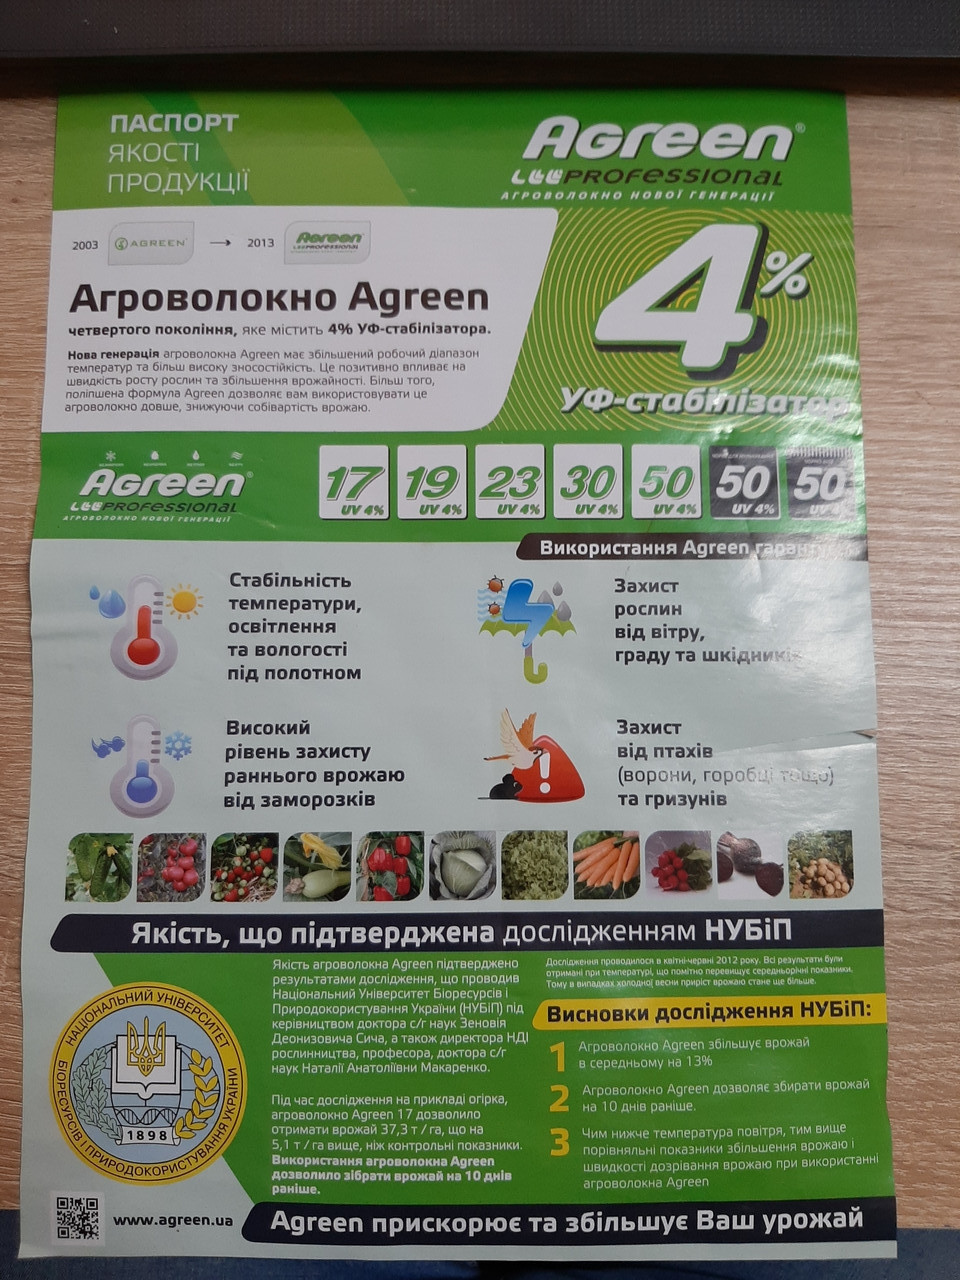 Агроволокно Agreen (агрин) 3.2*30 - 100метров, фото 1